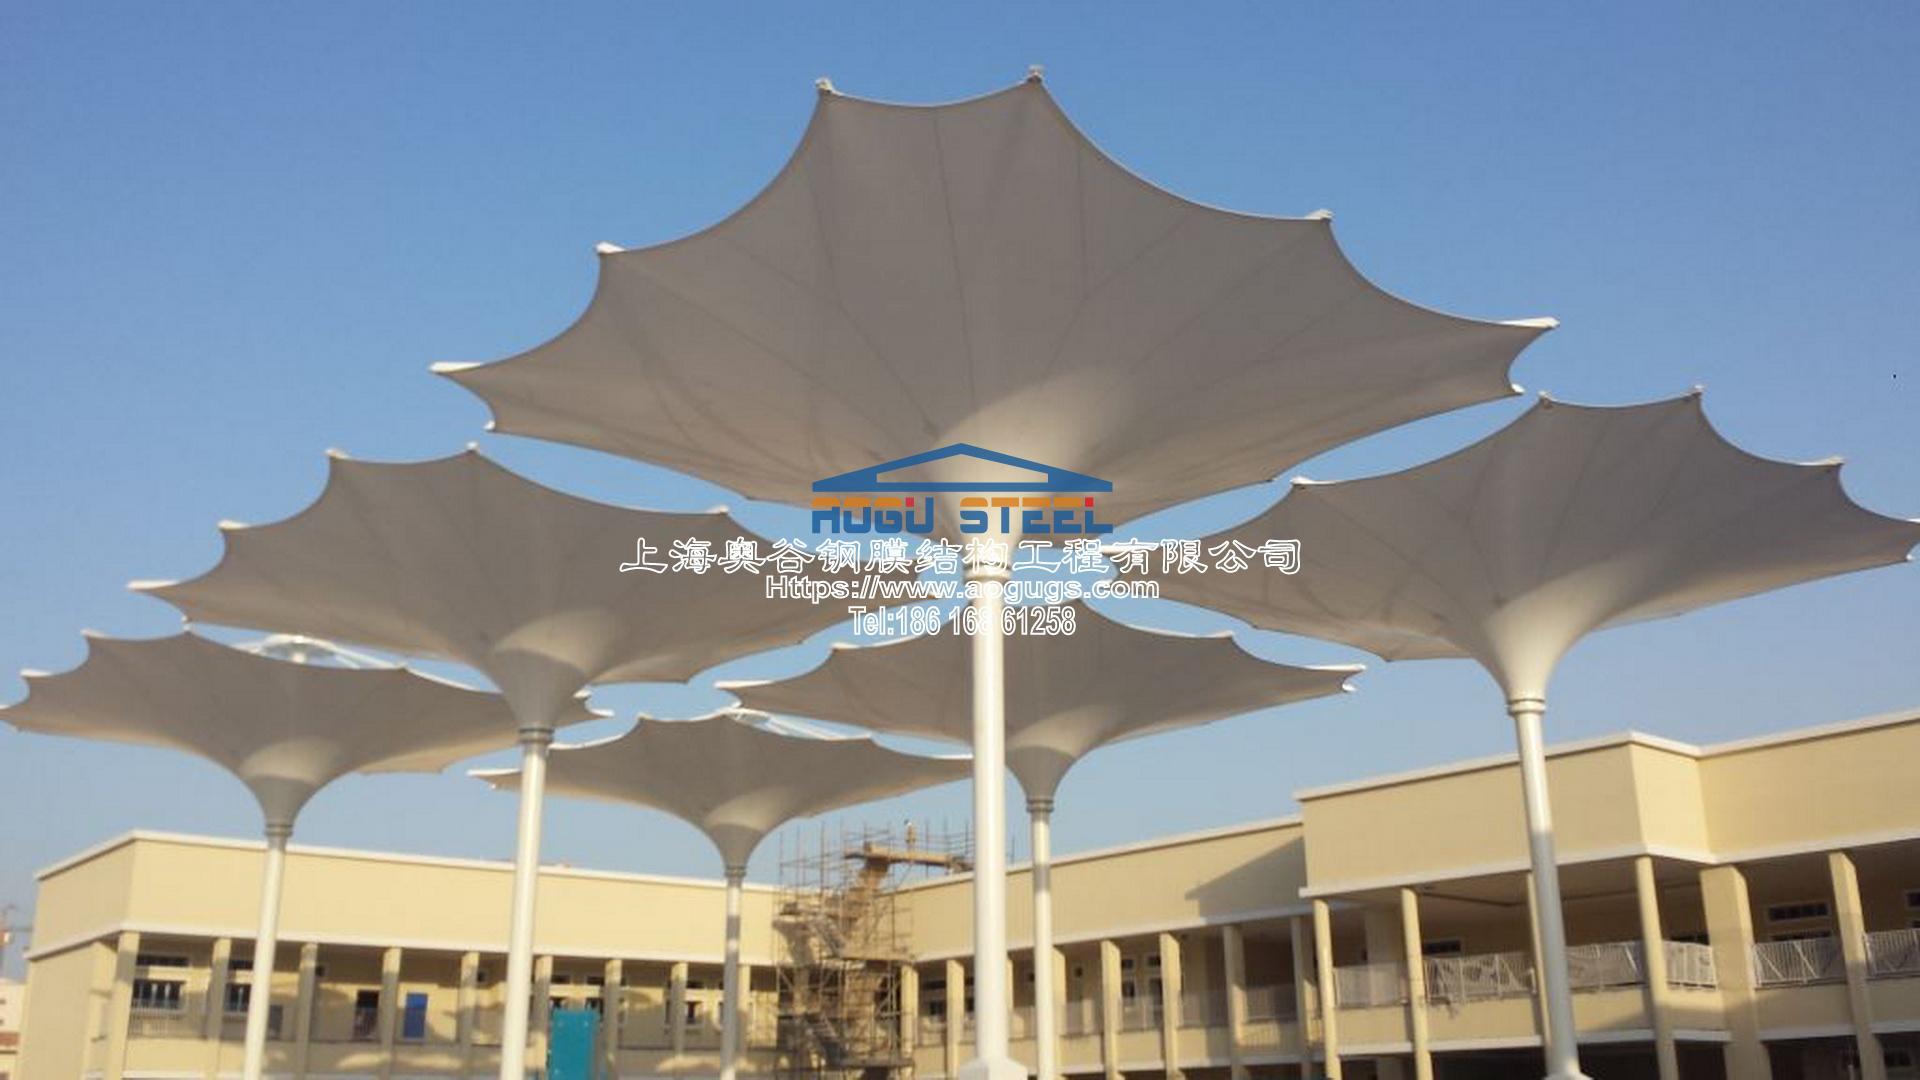 可伸缩的膜建筑景观结构大伞产品演示图2